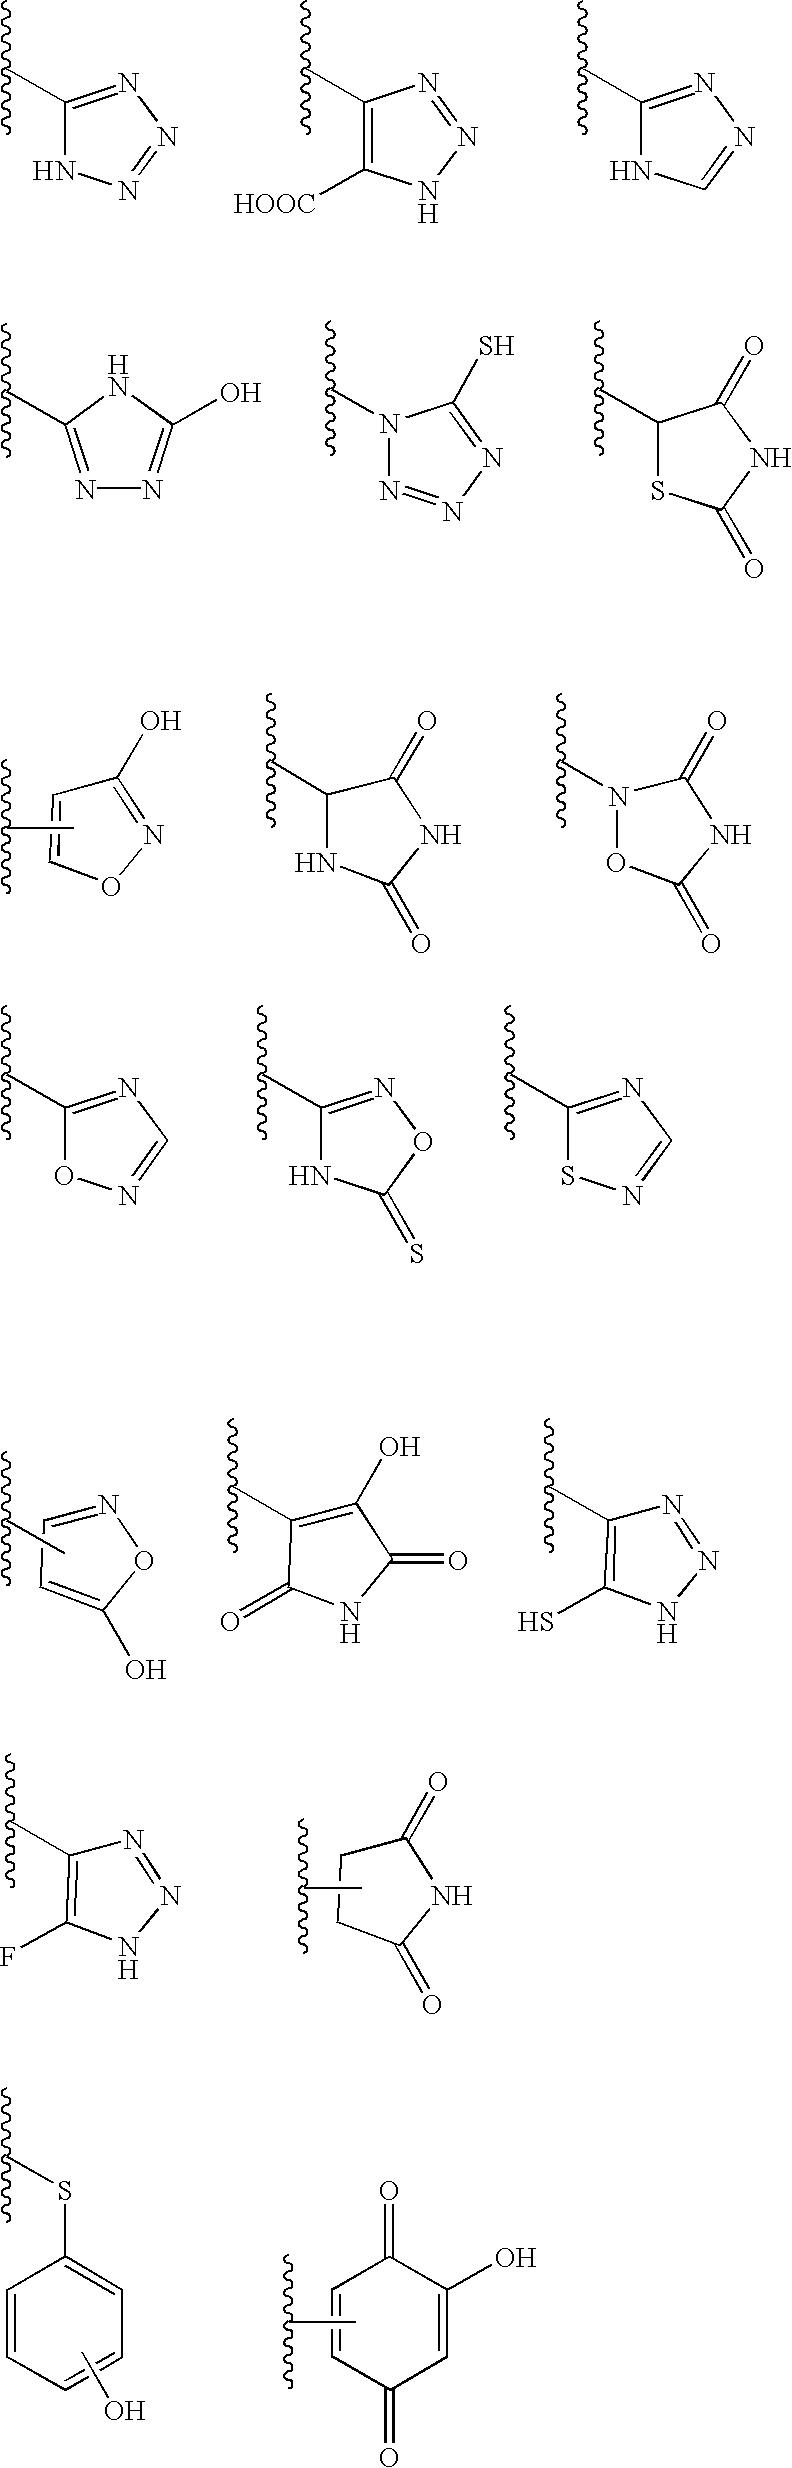 Figure US20030203890A1-20031030-C00139